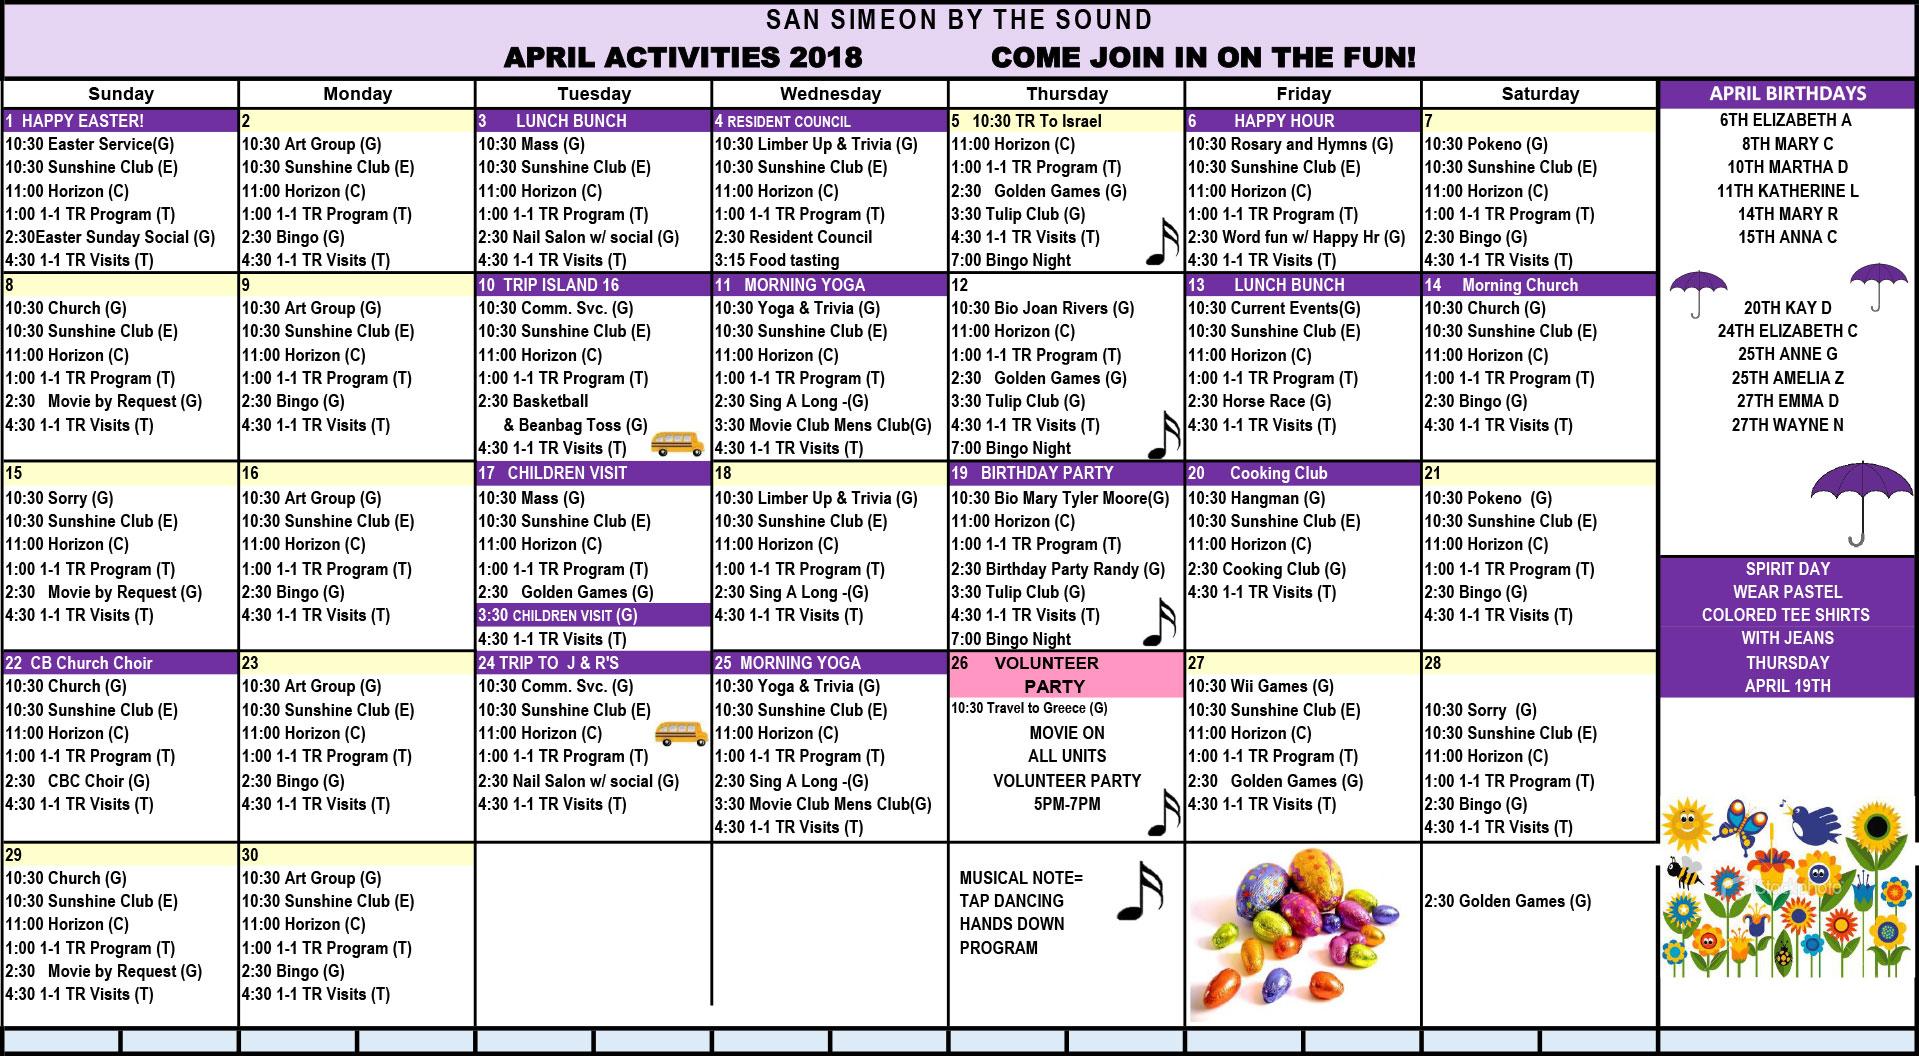 April Calendar of Events